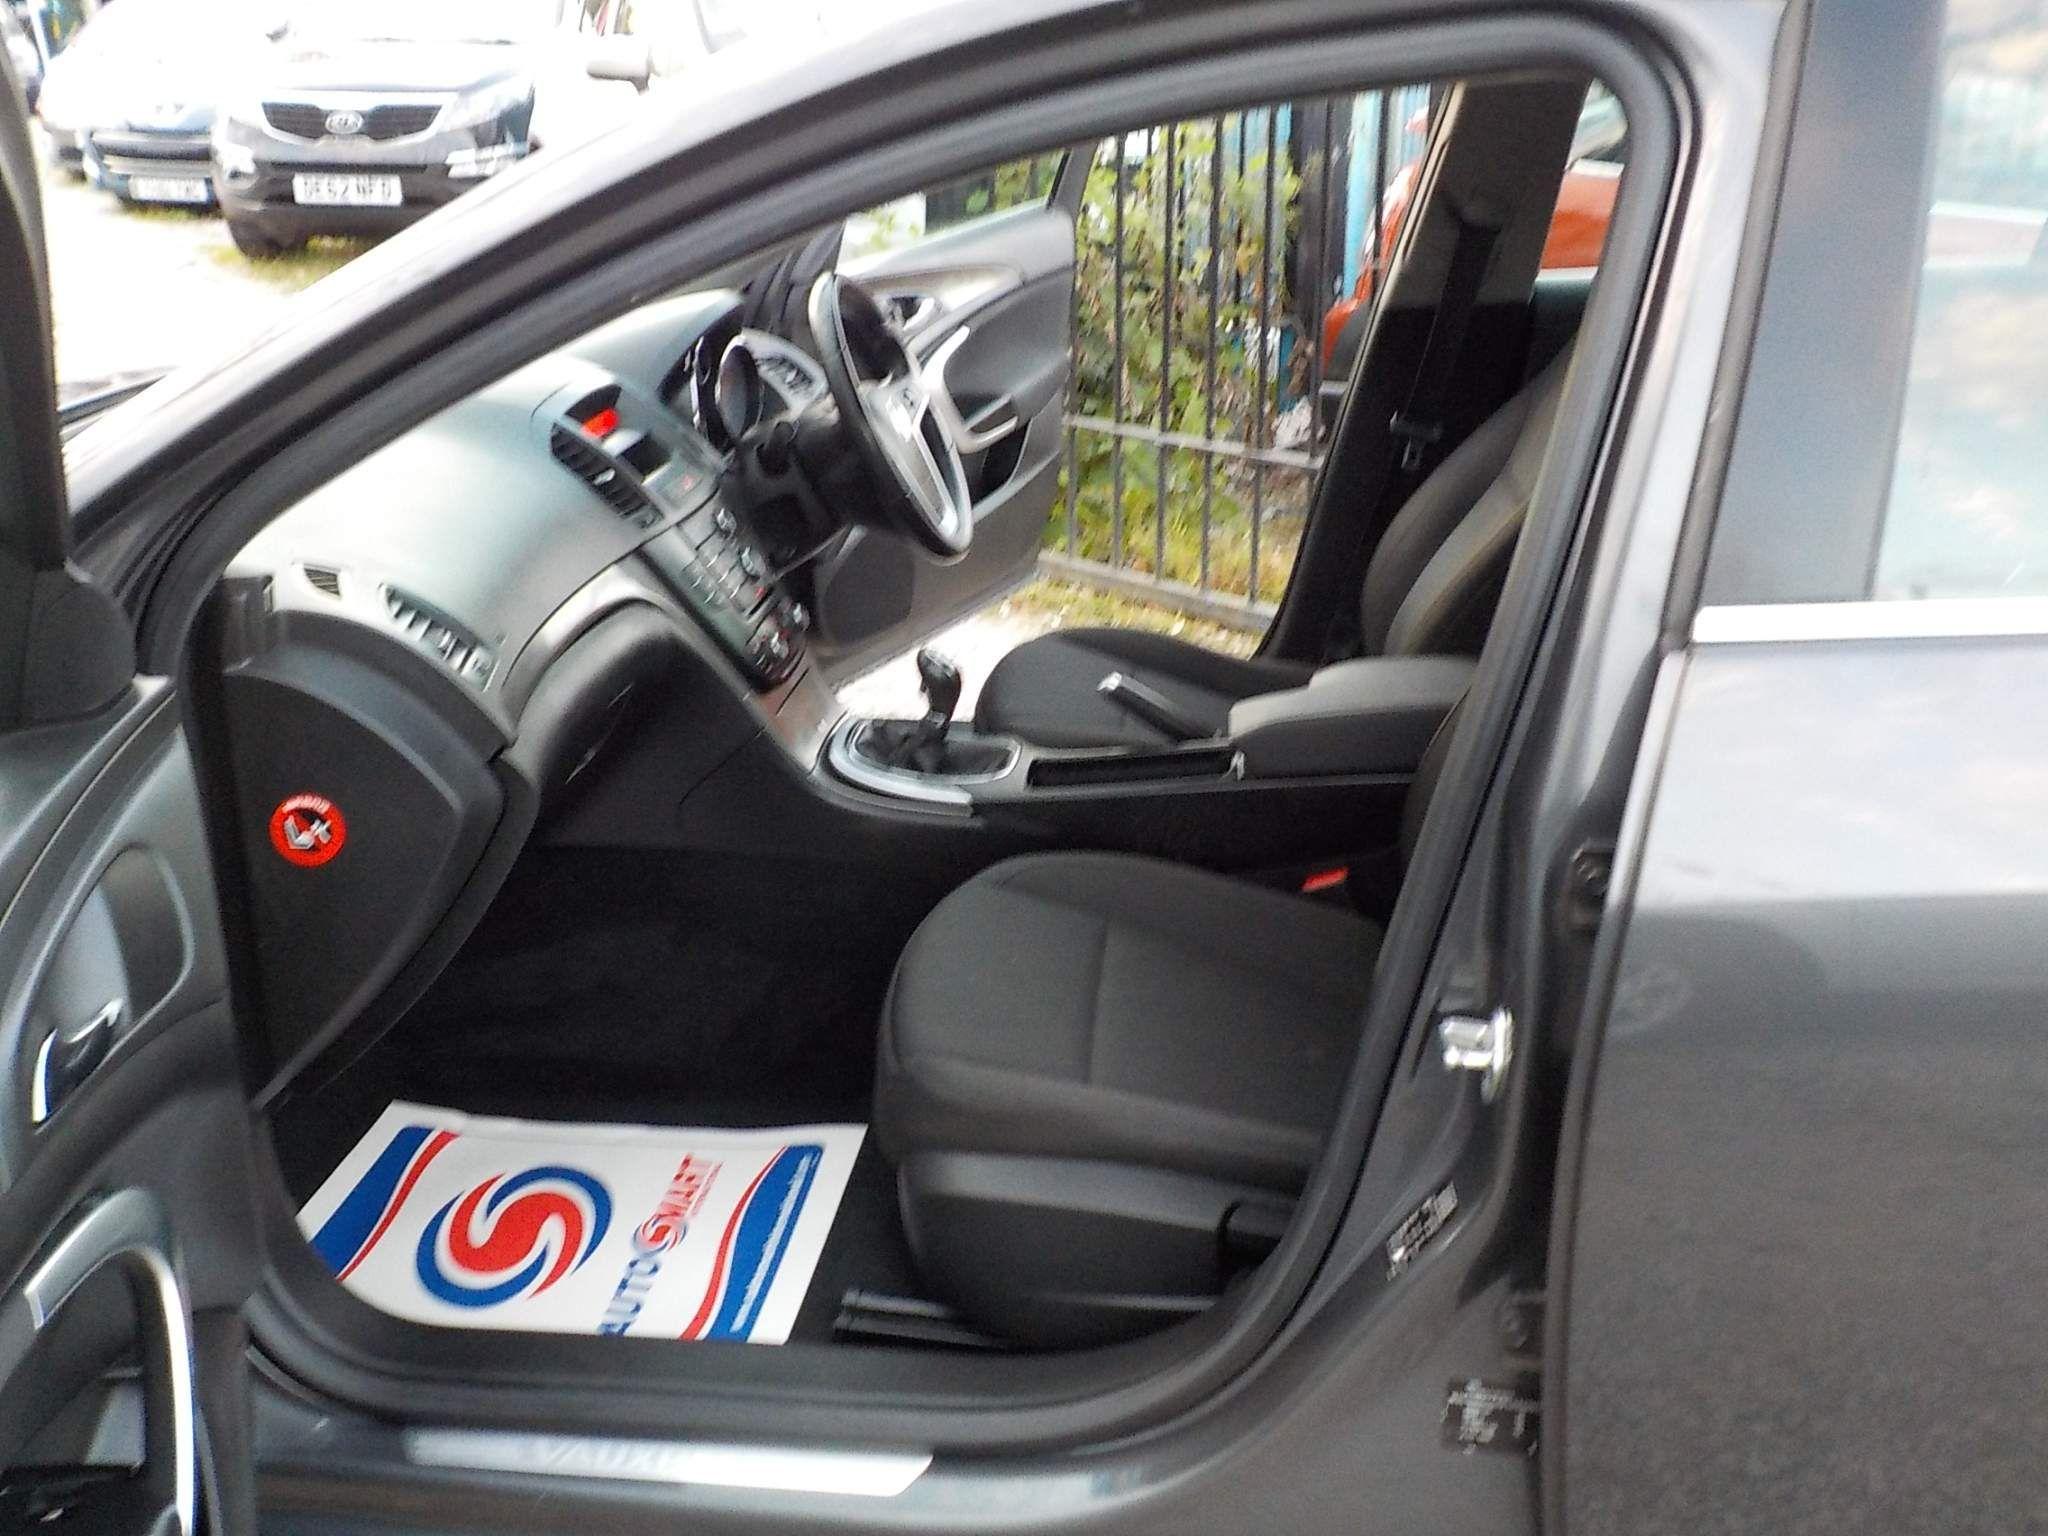 Vauxhall Insignia 1.8 i VVT 16v Exclusiv 5dr